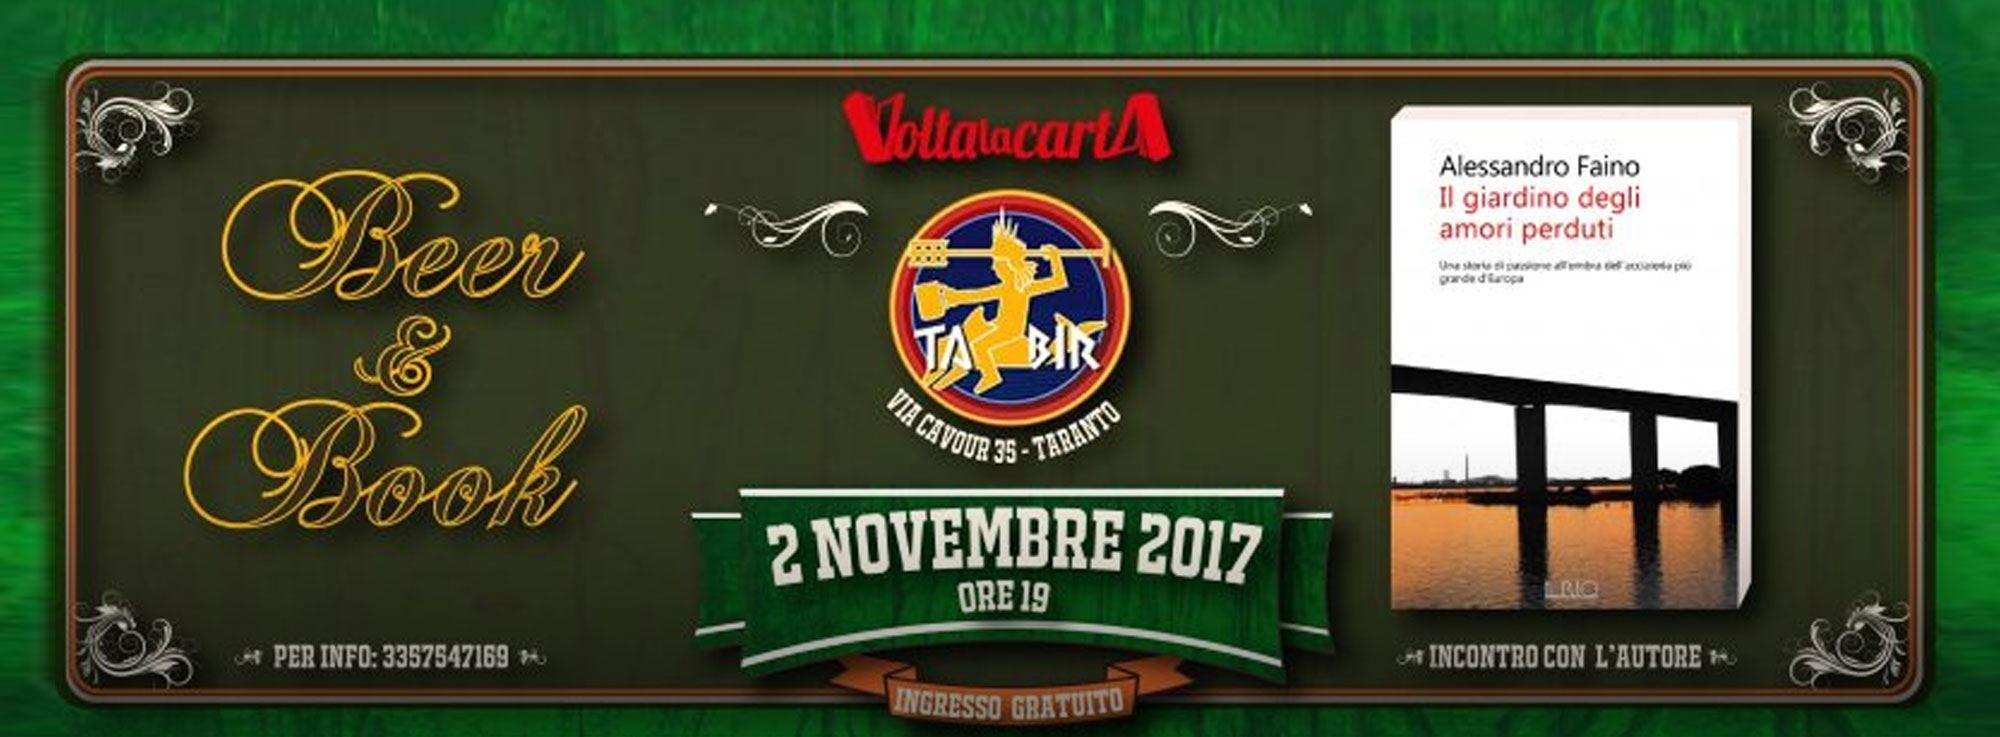 Taranto: Beer & Book - Alessandro Faino